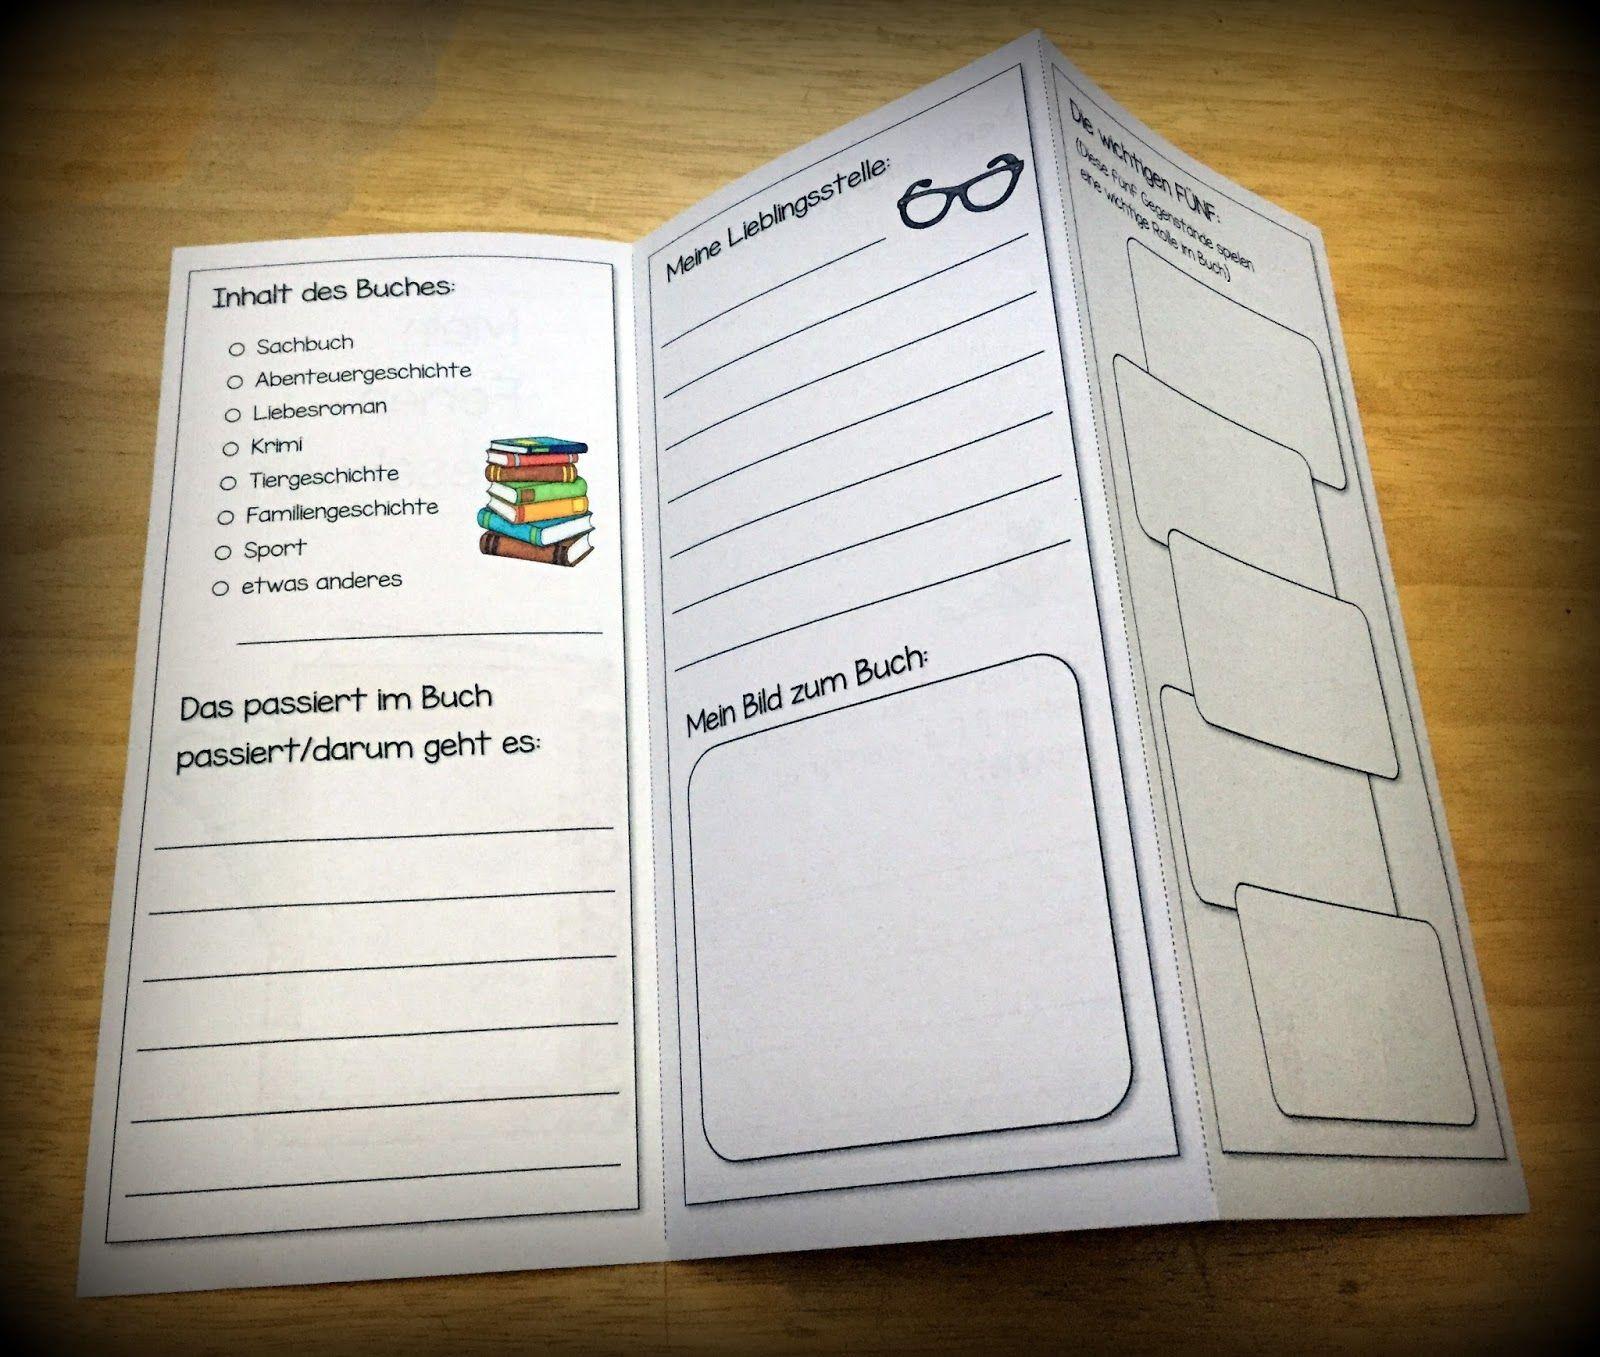 Buchvorstellung grundschule, Deutsch lesen, Deutsch